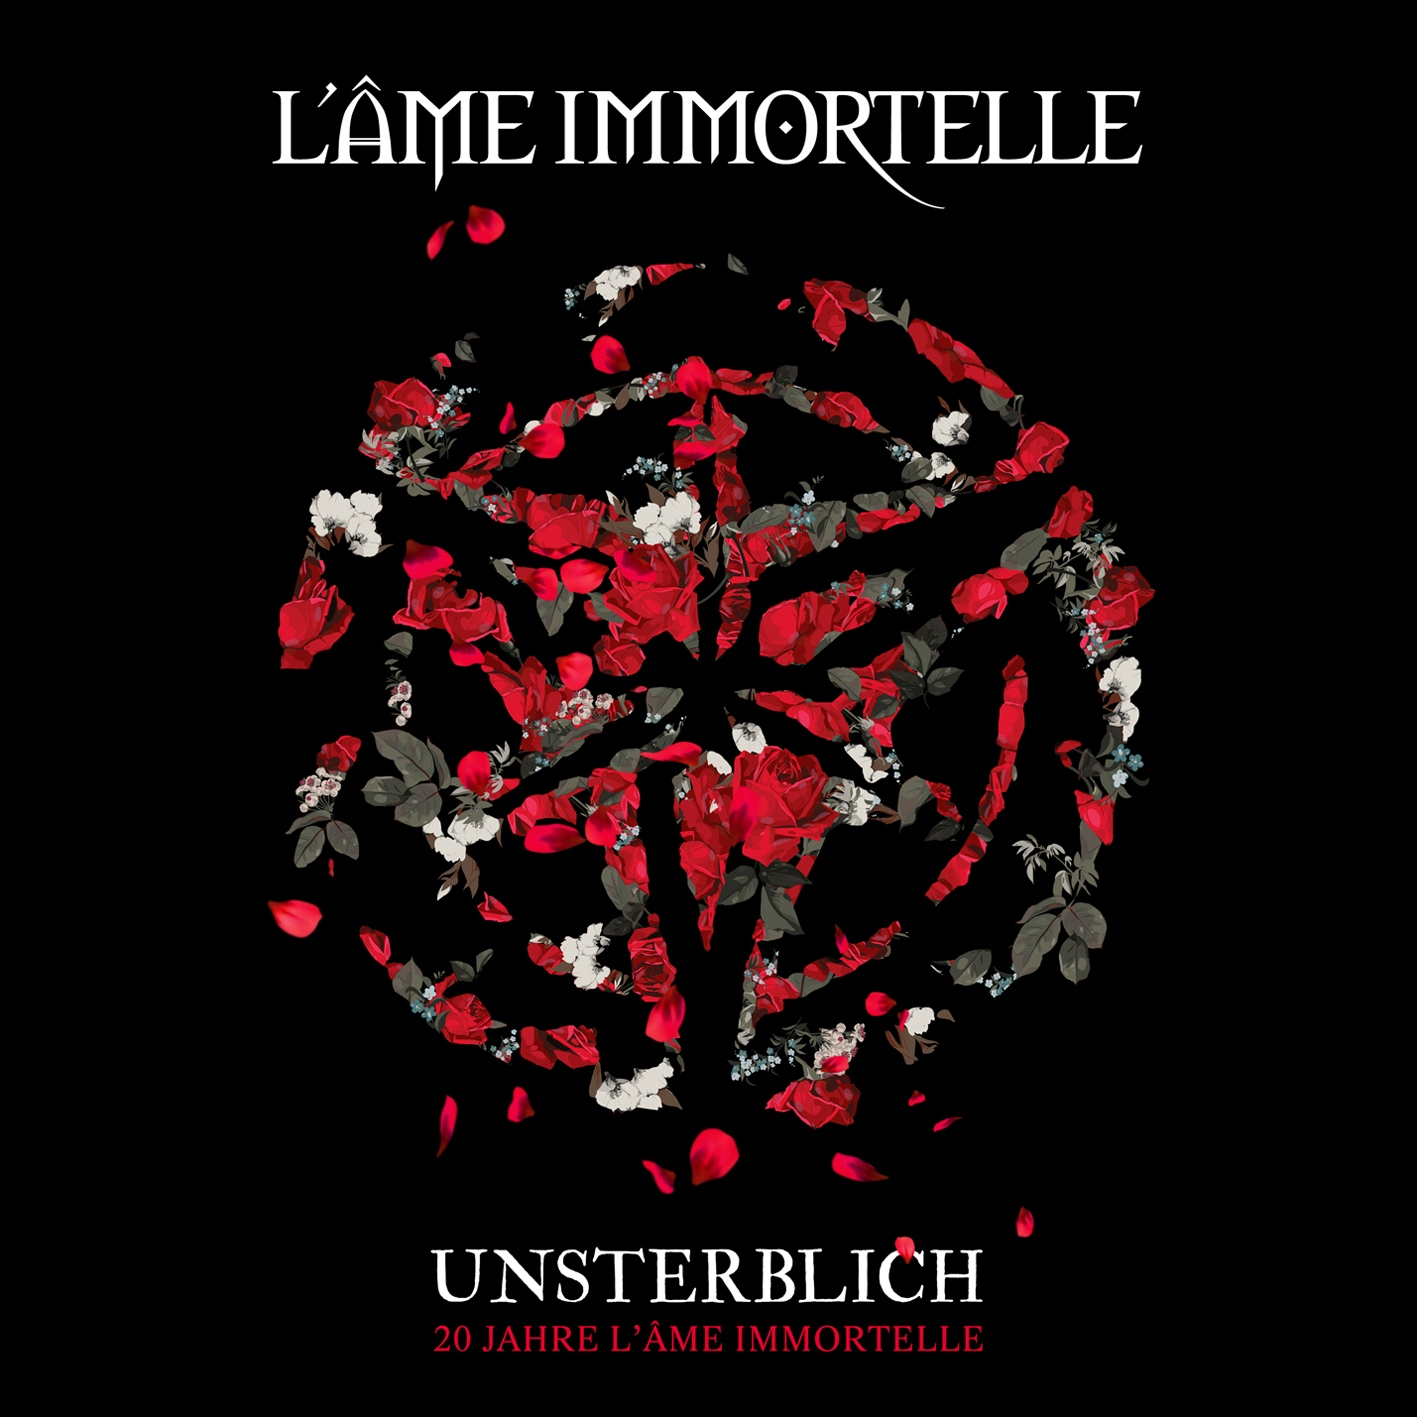 L'AME IMMORTELLE Unsterblich - 20 Jahre CD 2016 (VÖ 26.02)